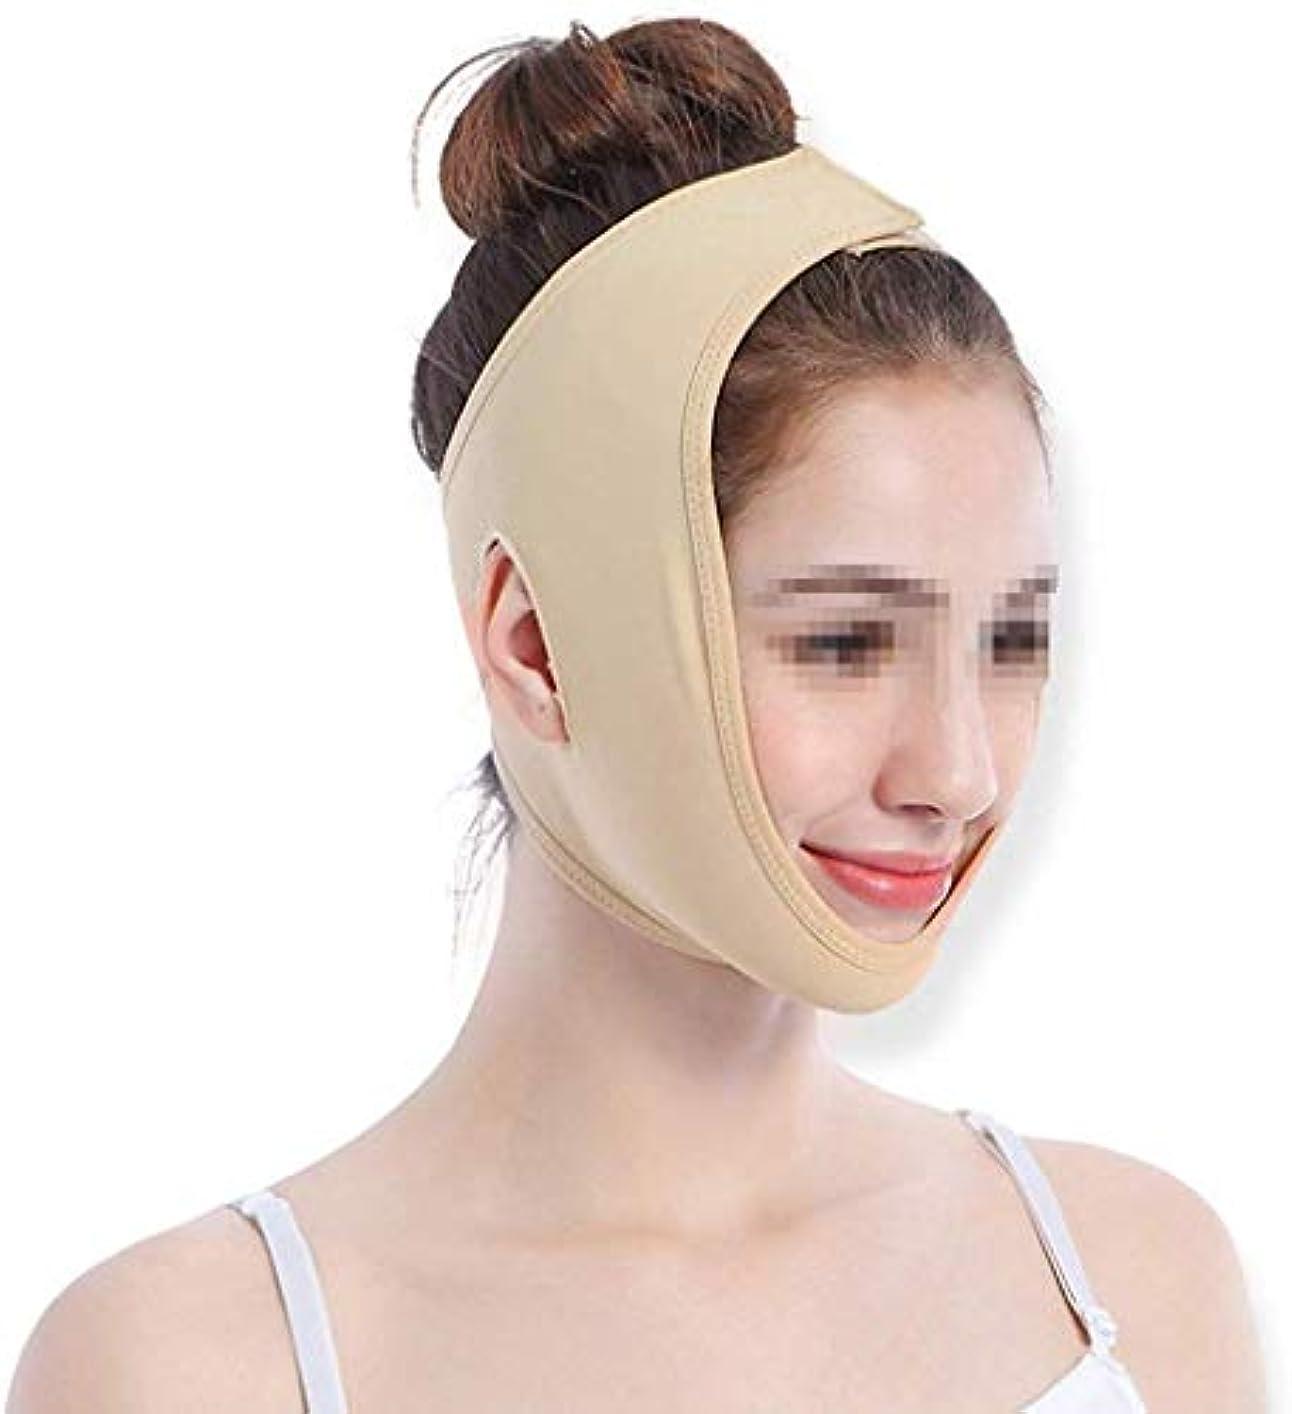 料理未払い罰美容と実用的なフェイスリフティング包帯、フェイスリフティングフェイスリフティングインストゥルメントリフティングファーミングビューティインストゥルメントVフェイスマスク(サイズ:L)